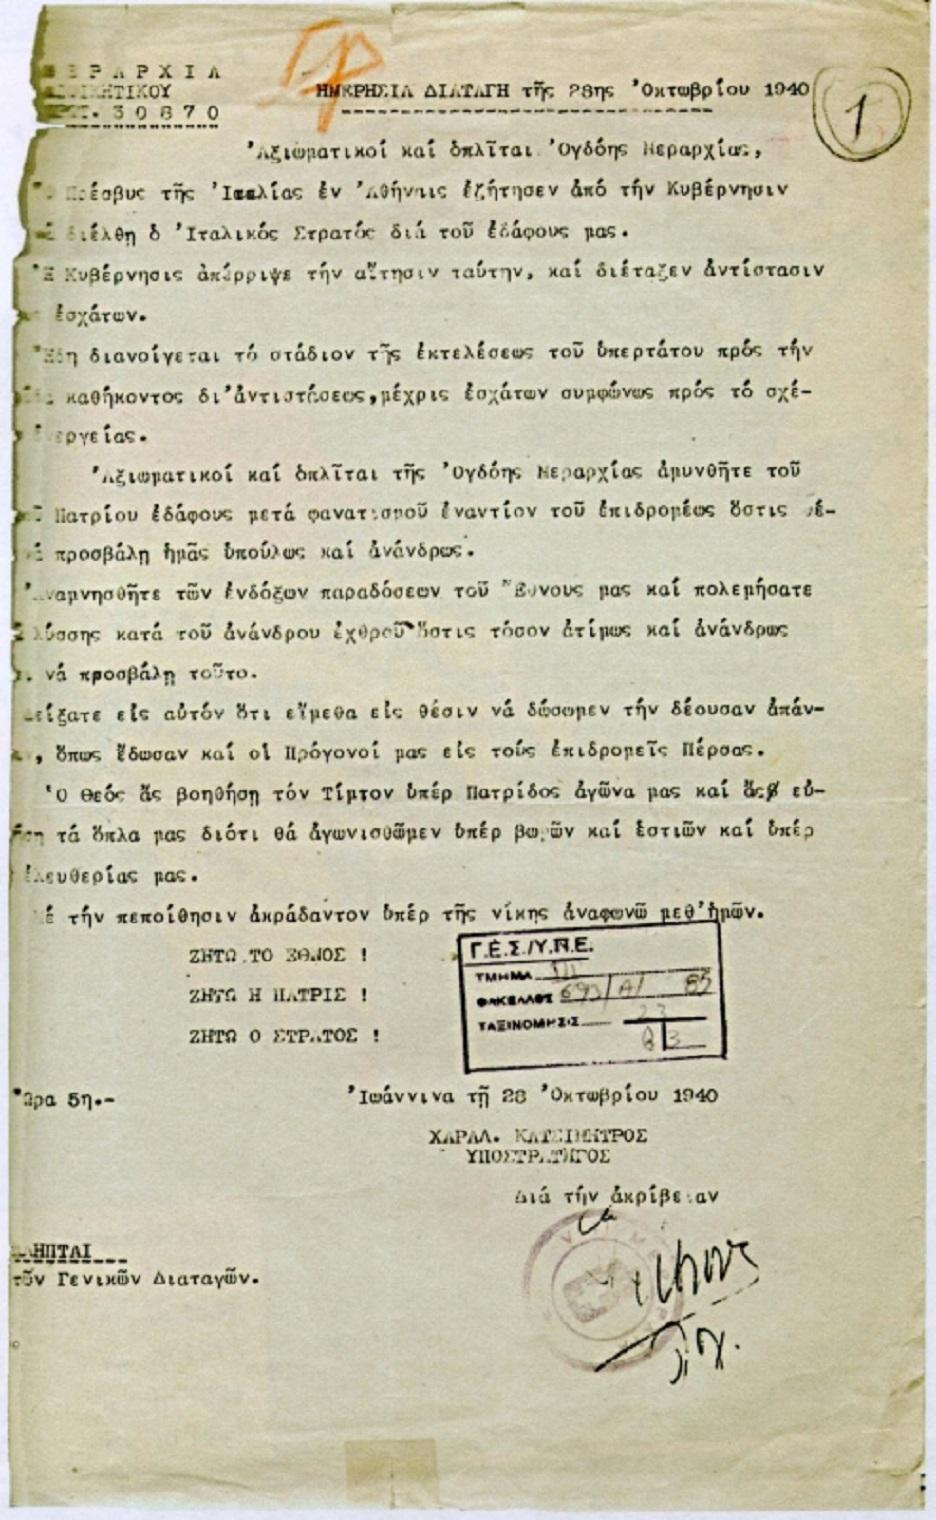 Ἡμερήσια Διαταγὴ 8ης μεραρχίας στὶς 28-10-1940